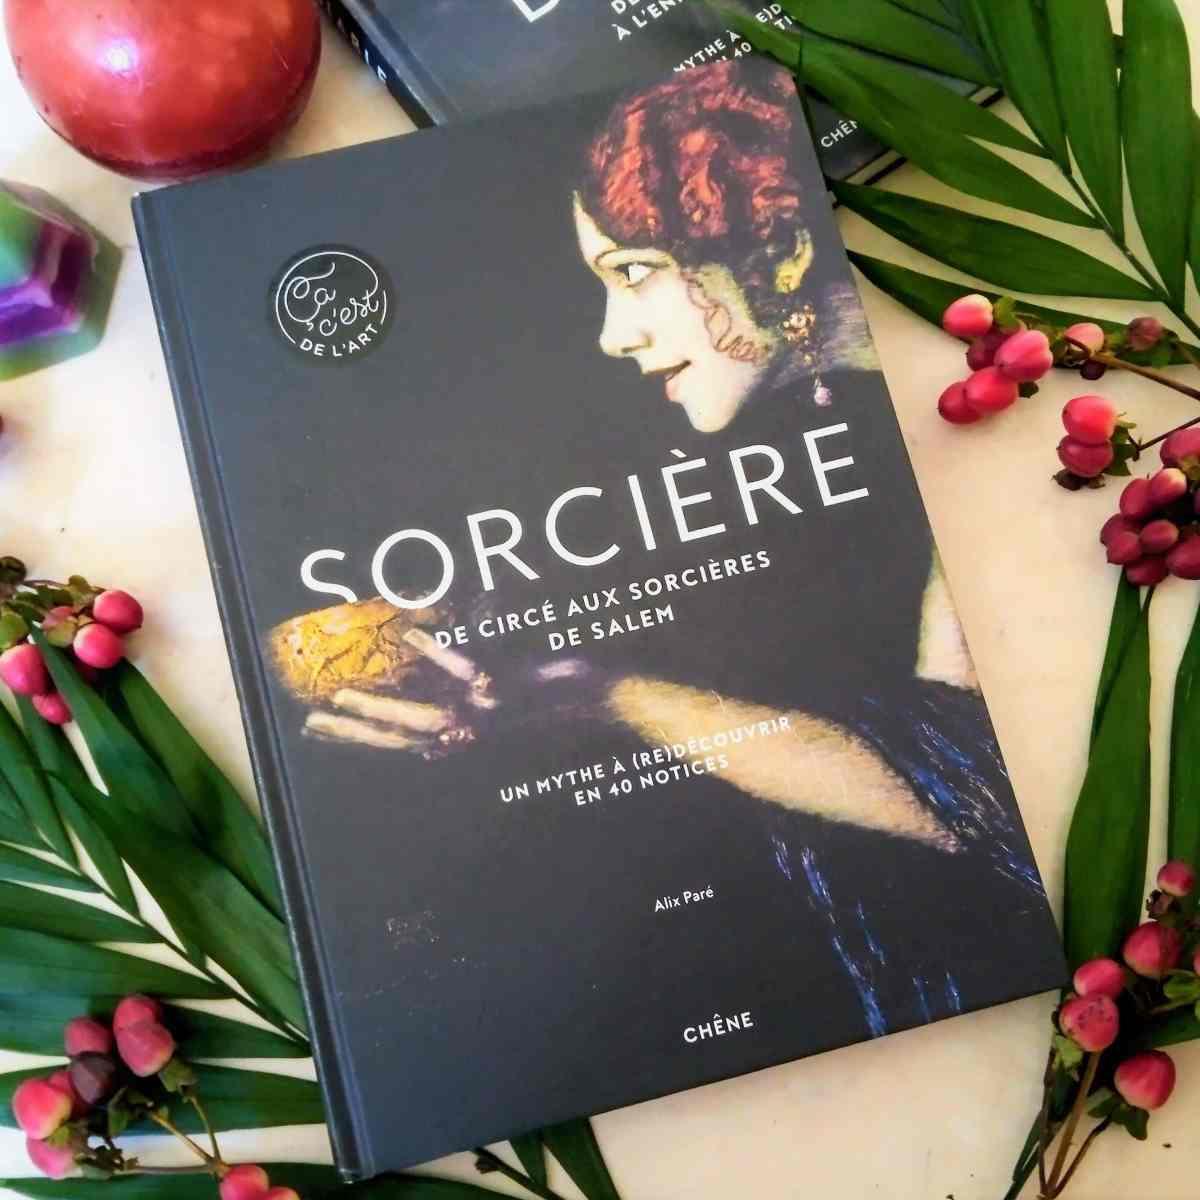 Sorcière - Alix Paré - Editions du Chêne